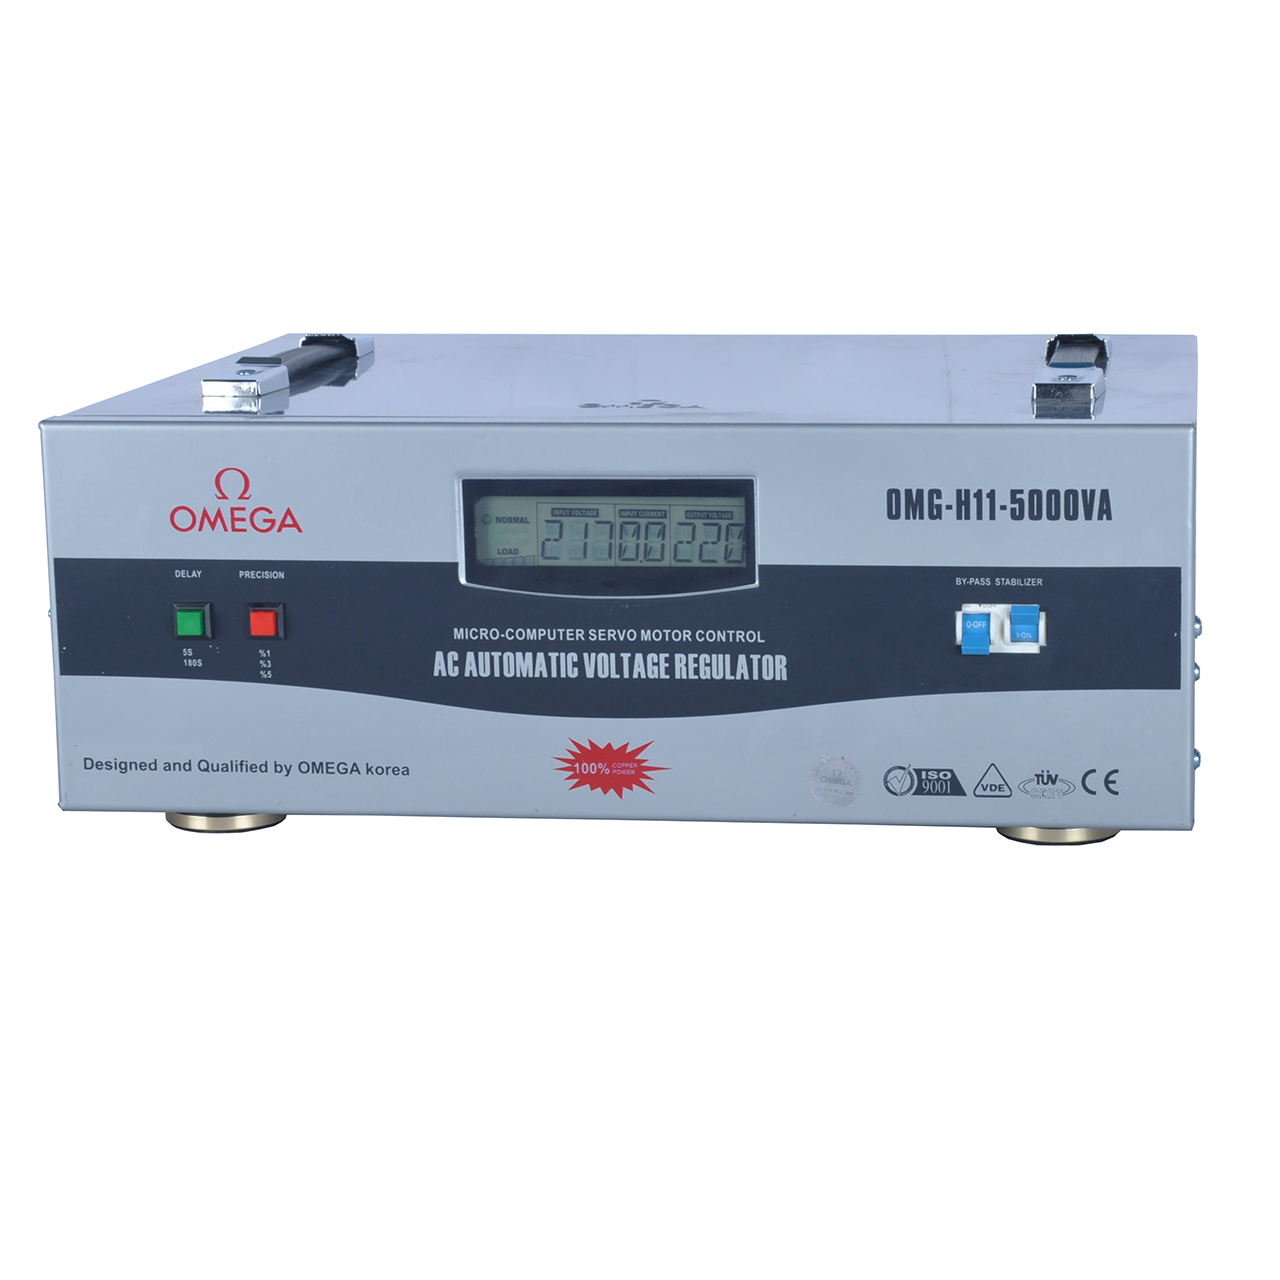 استابلایزر امگا مدل OMG-H11-5KVA ظرفیت 5000VA